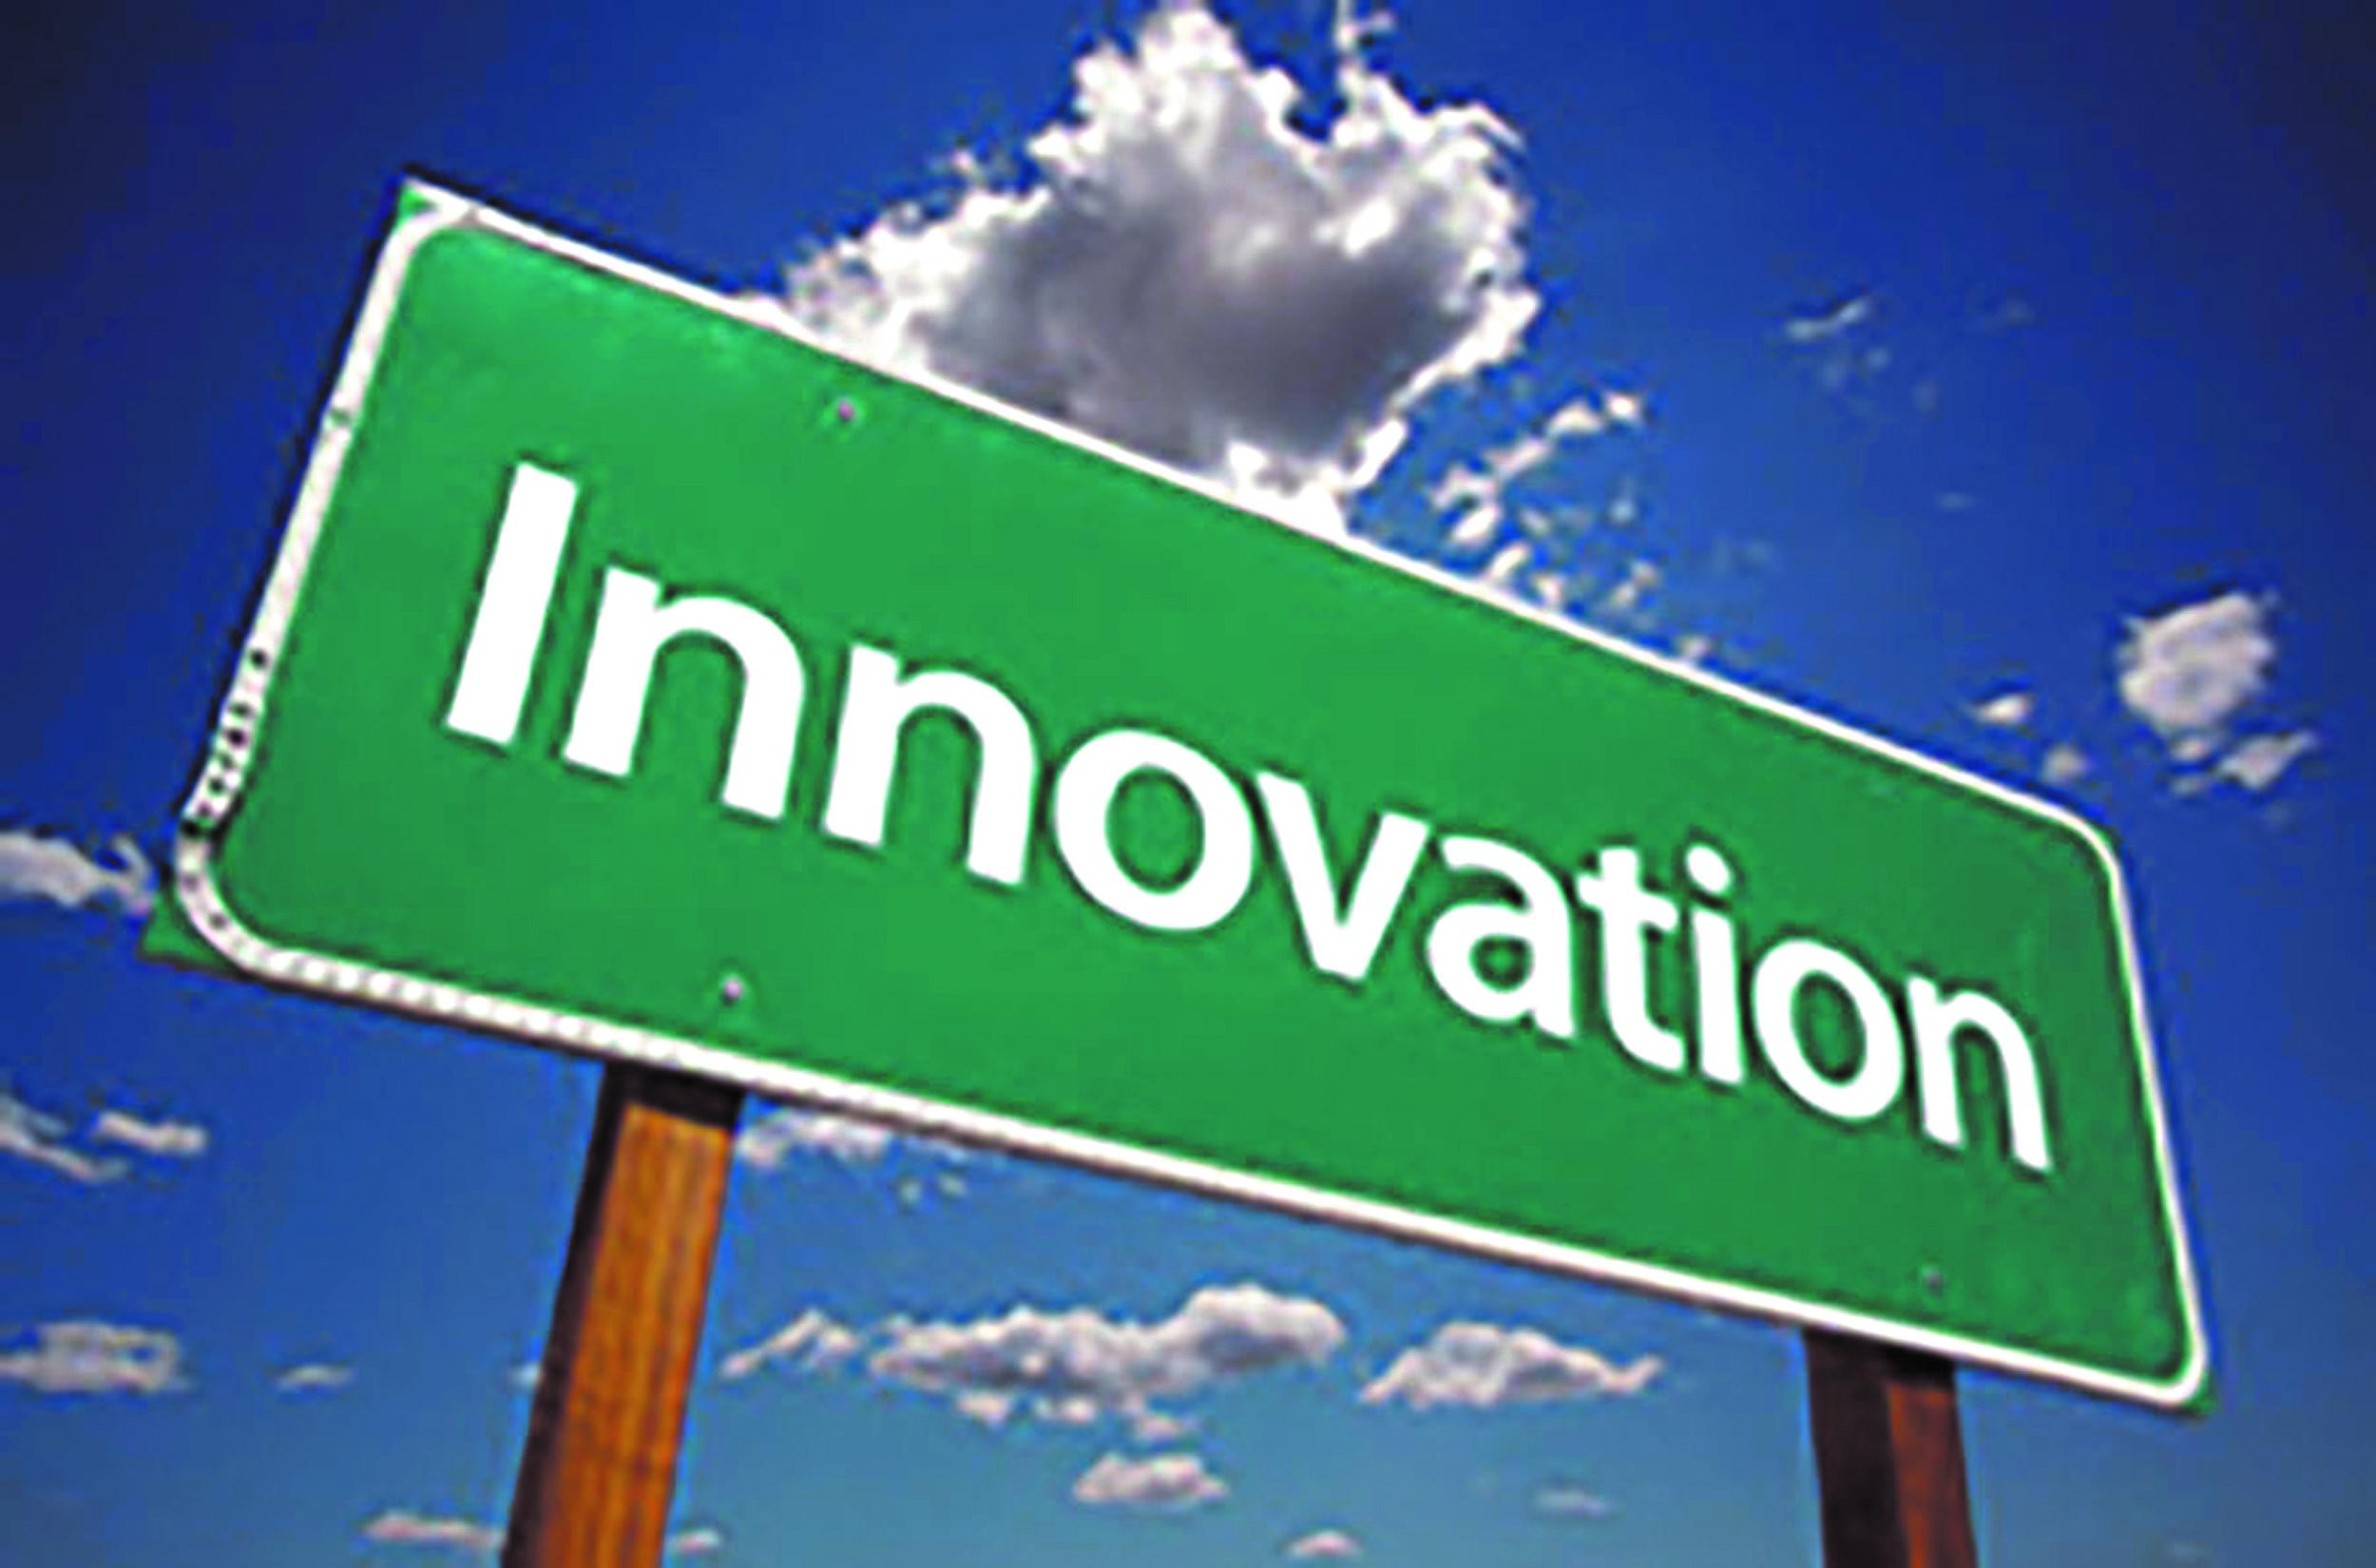 Le Maroc fait partie des pays les plus innovants  en Afrique selon l'Indice mondial de l'innovation